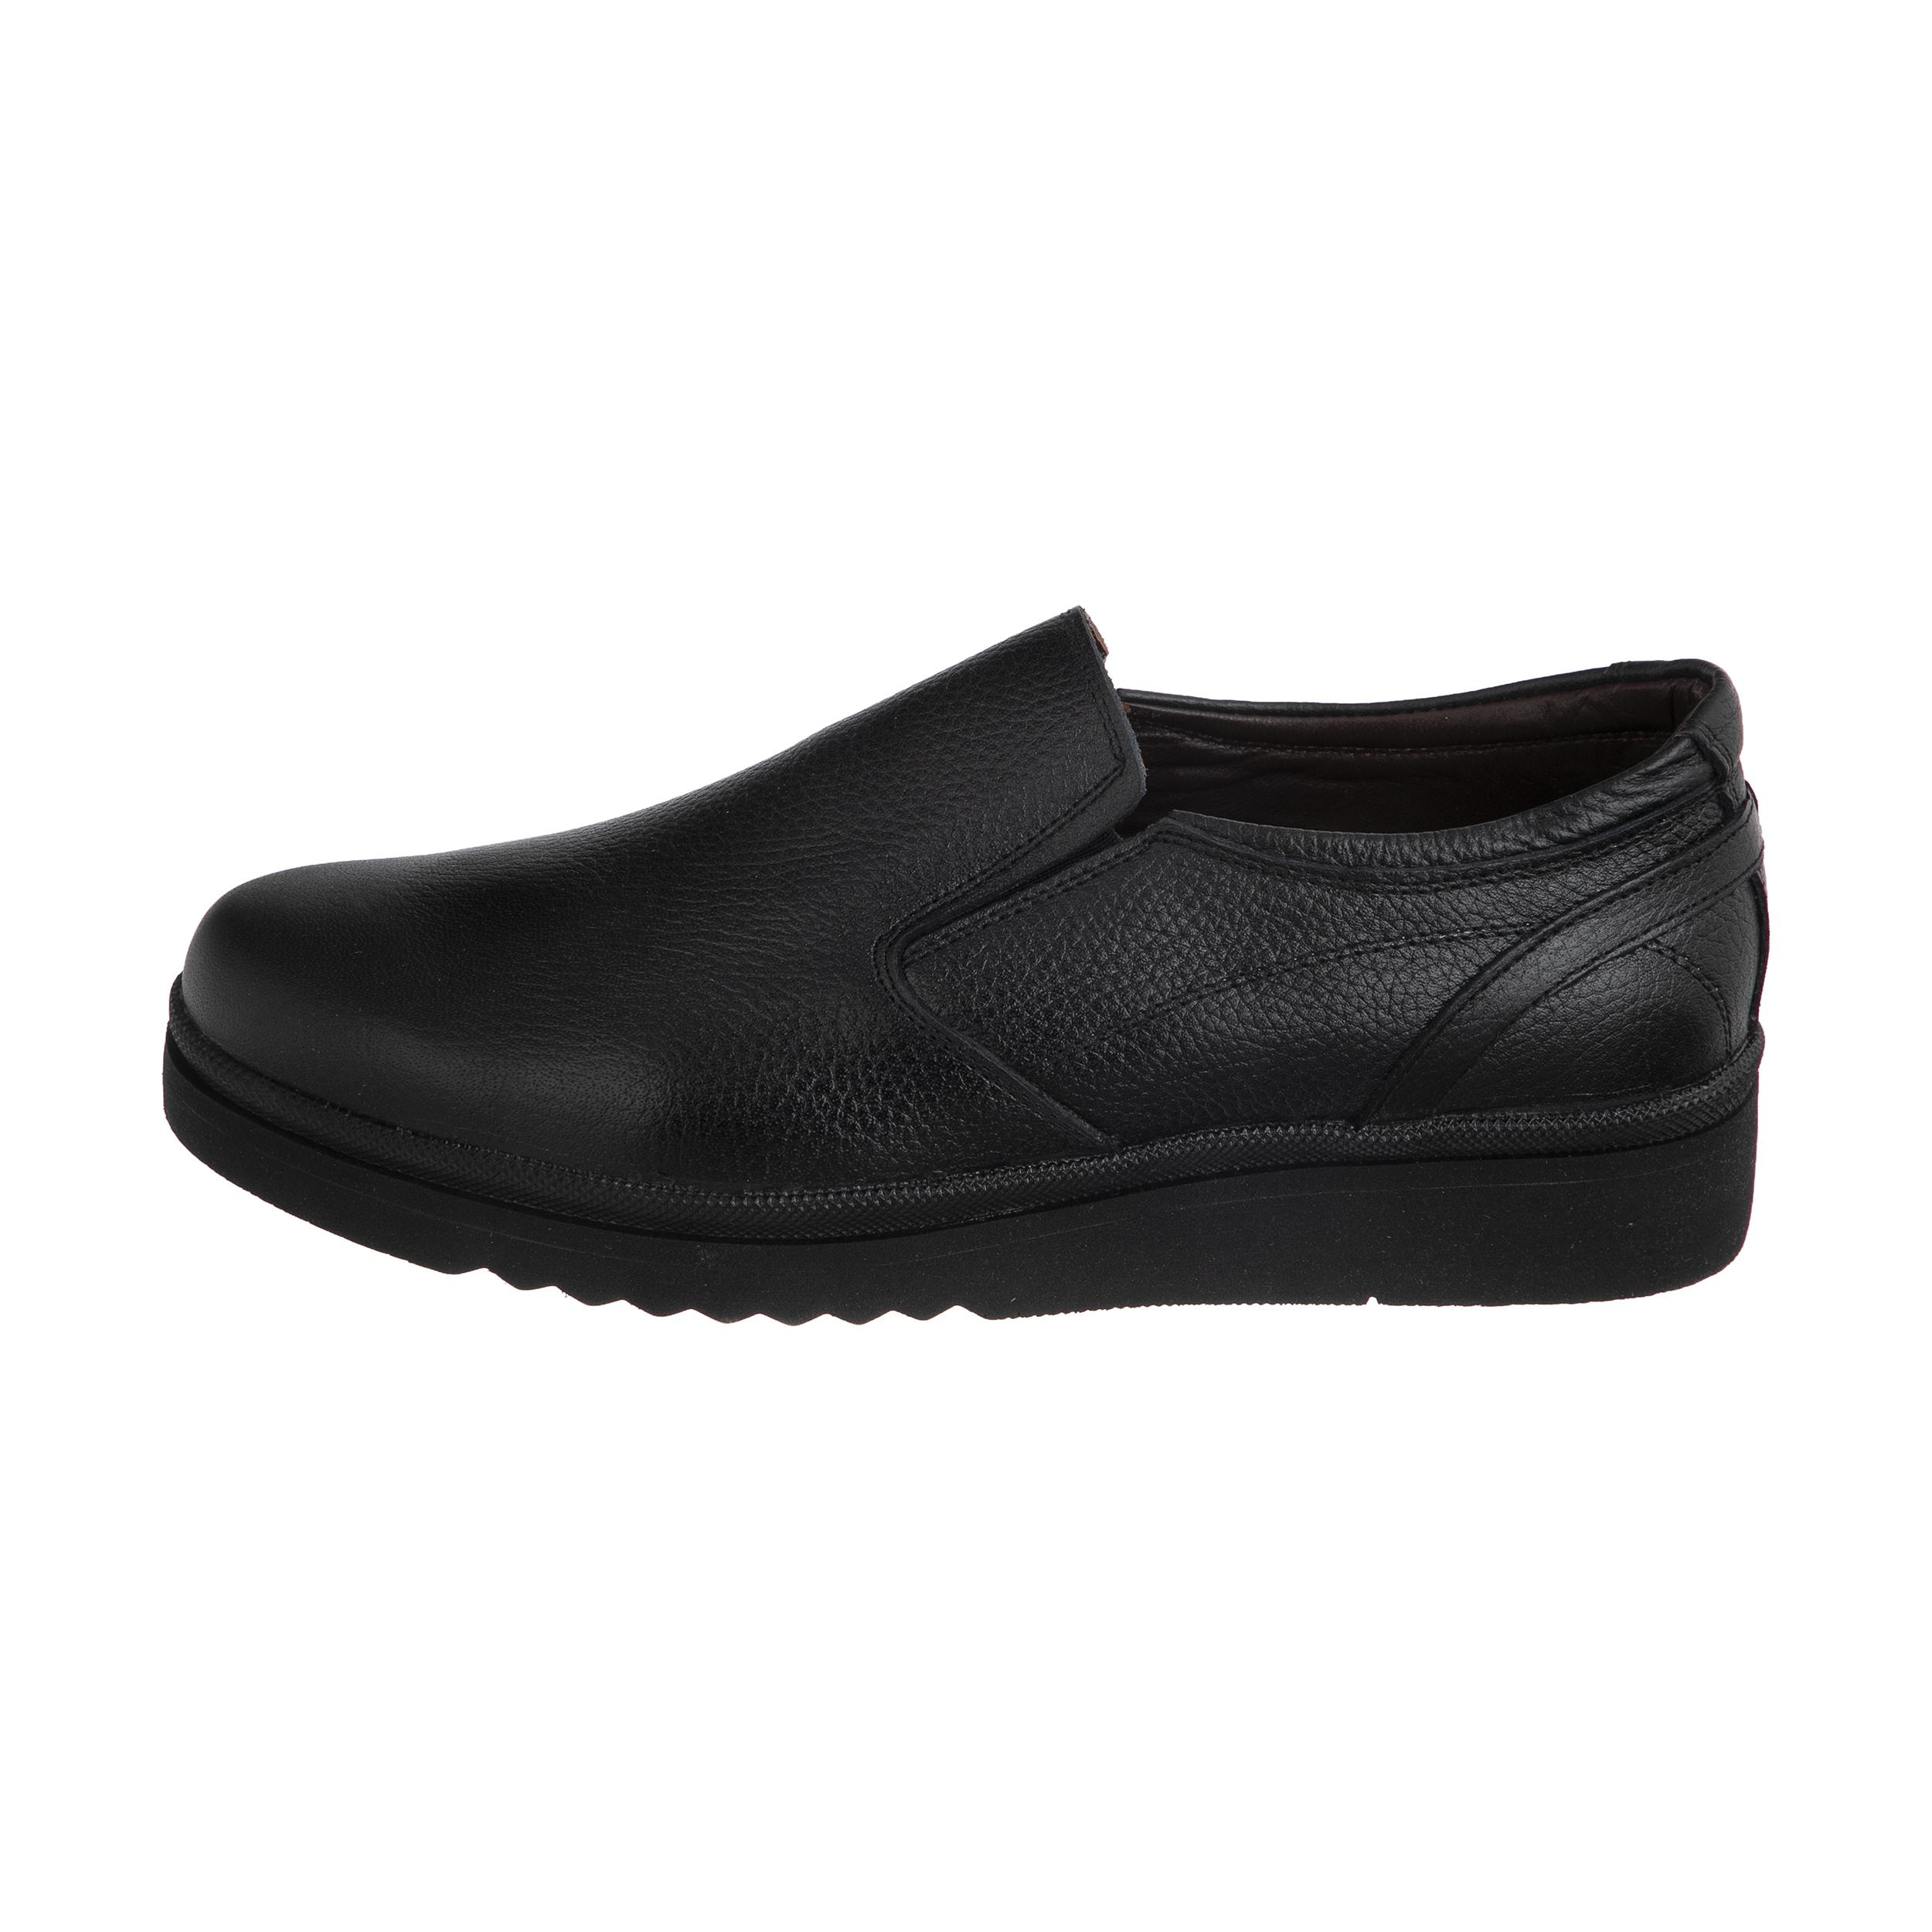 کفش روزمره مردانه سوته مدل 7883a101